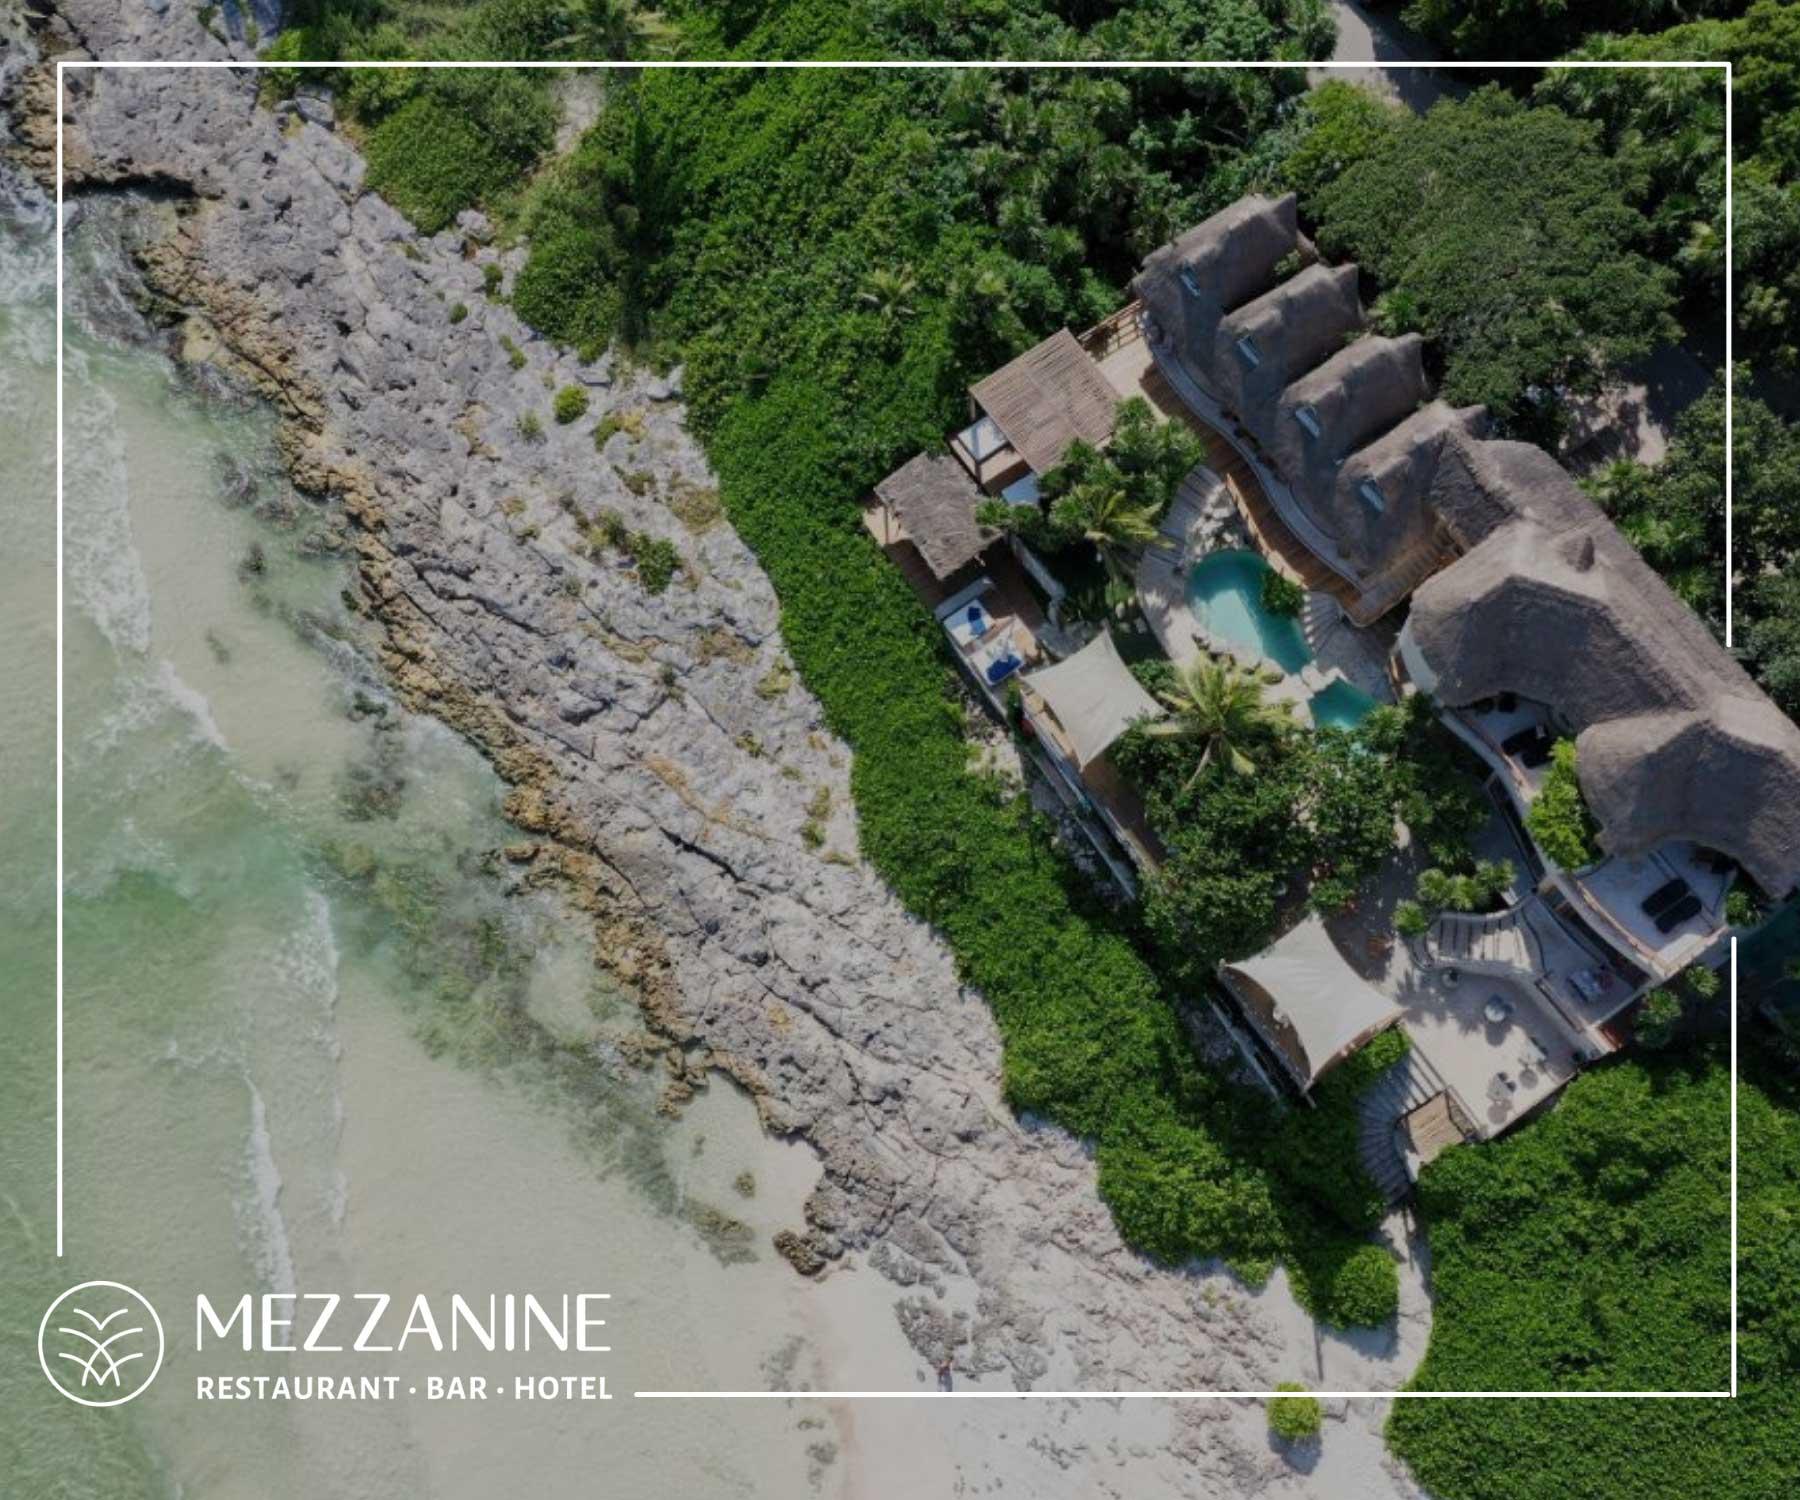 mezz property